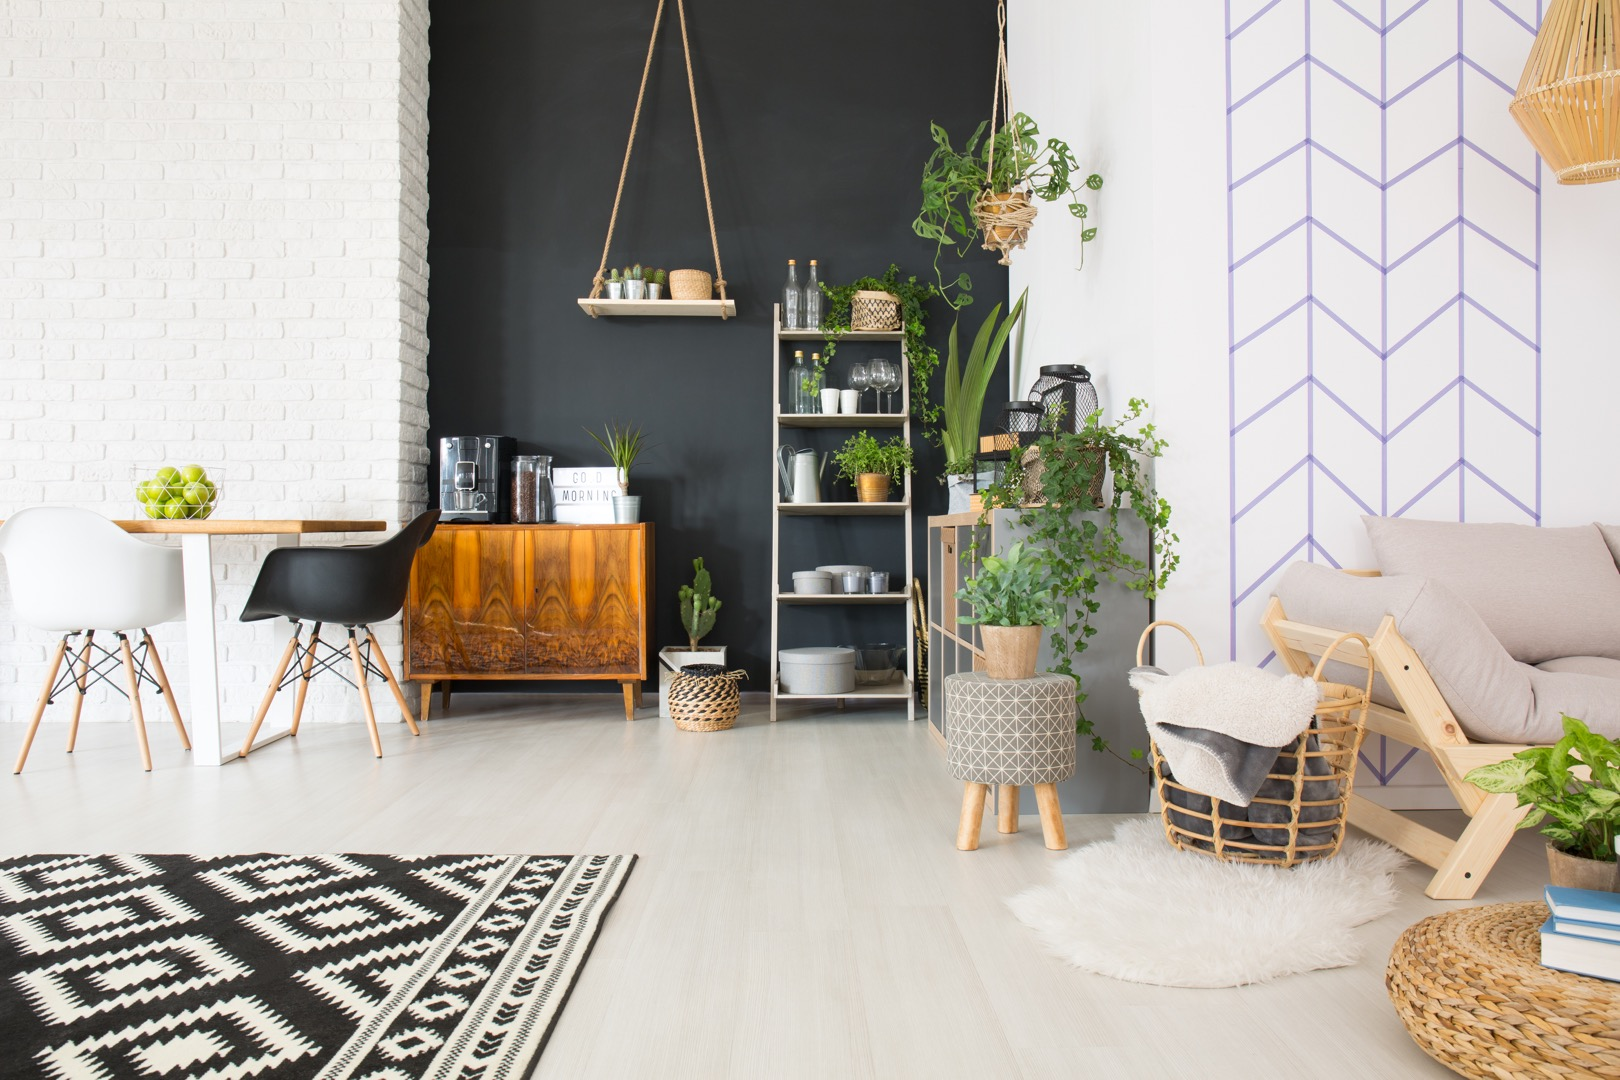 Първо жилище без да се плаща ДДС при покупка ще се отрази ли на цените